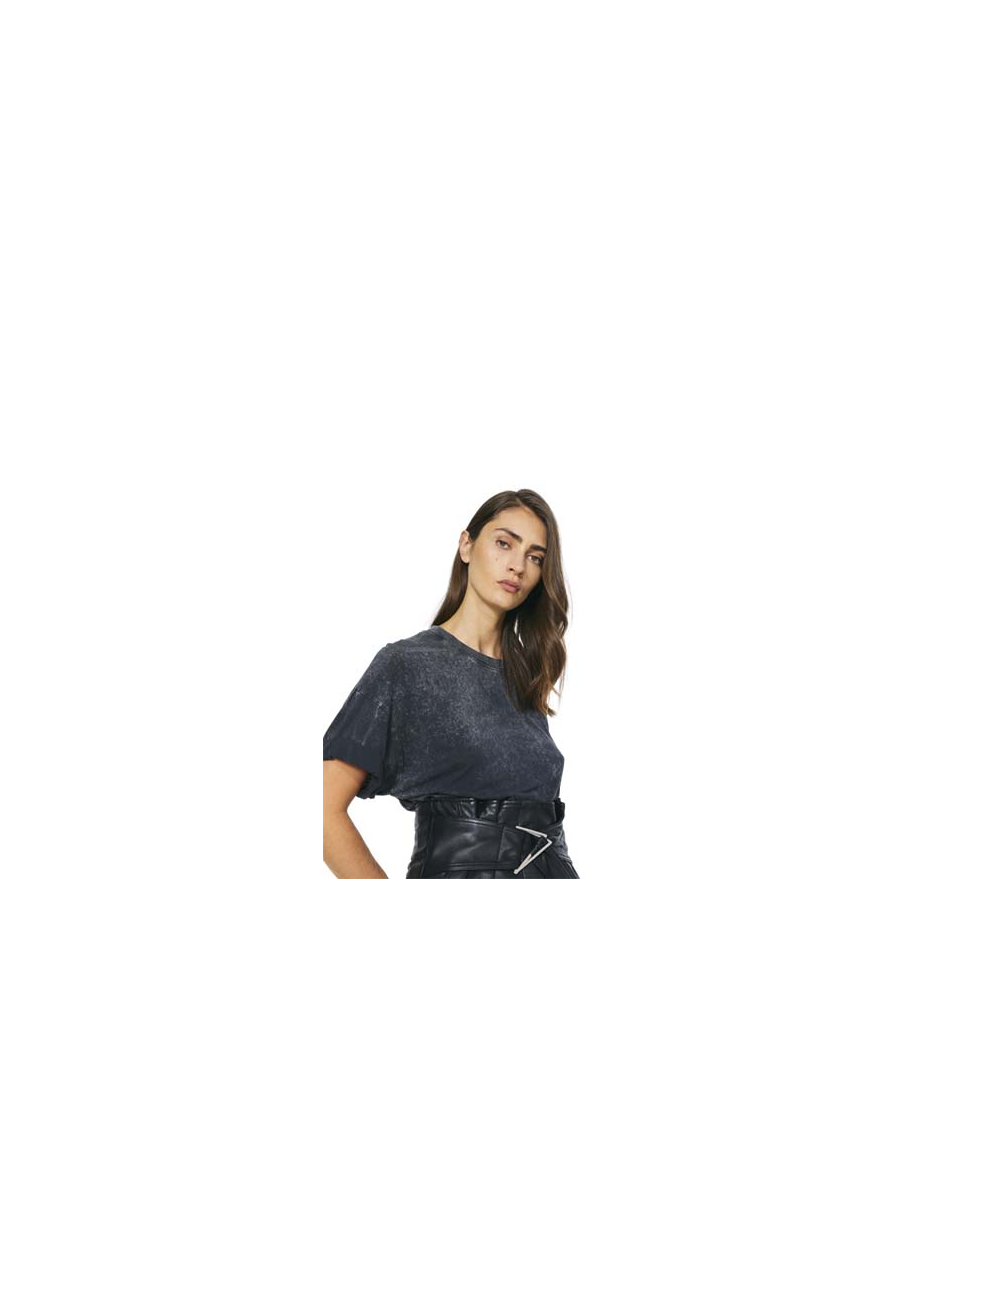 Martya T-shirt Iro - BIG BOSS MEGEVE